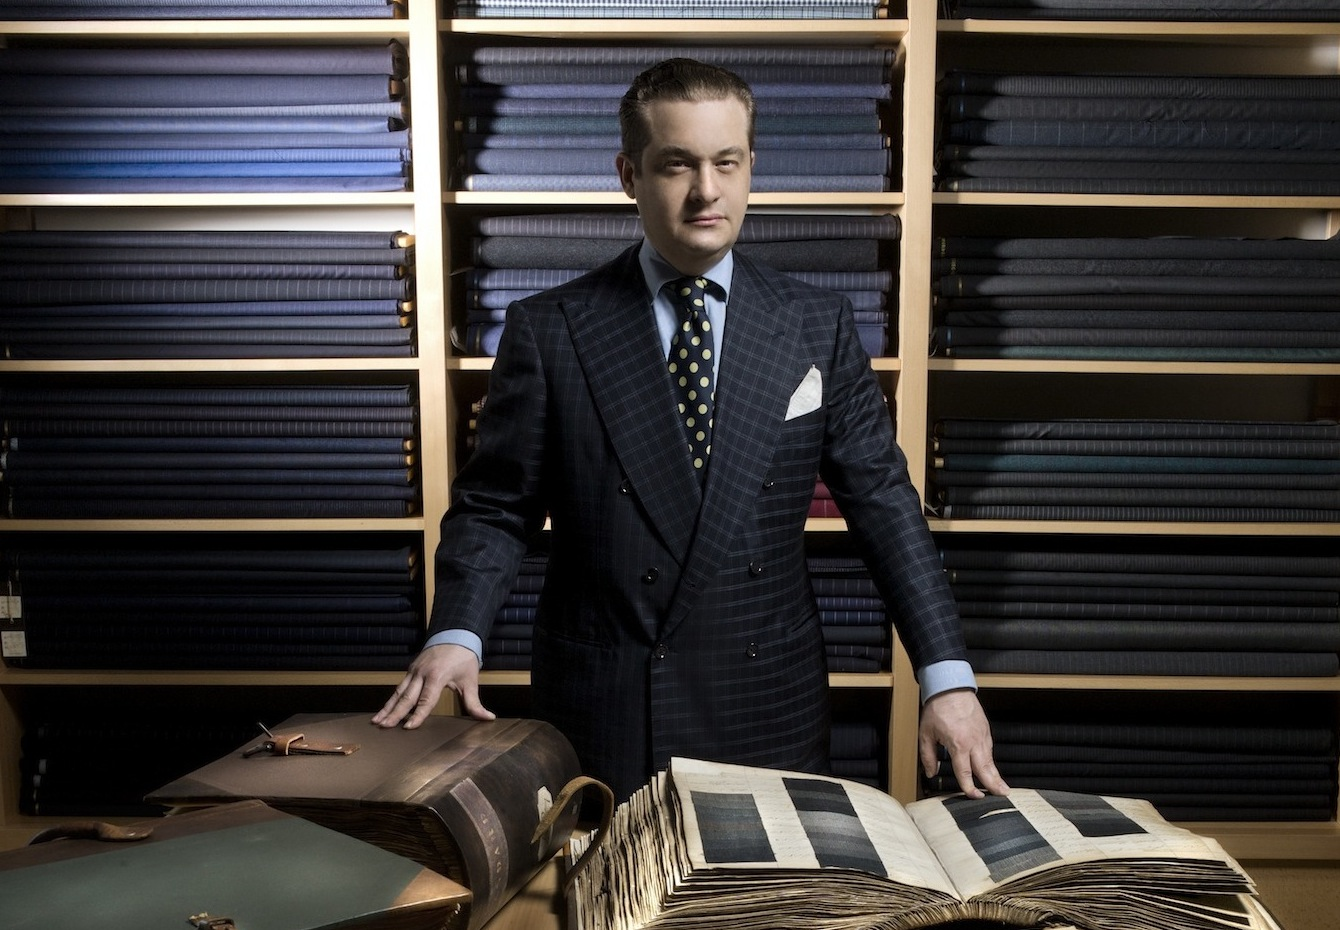 Vitale Barberis Canonico (VBC) : The Immortals of Cloth Making